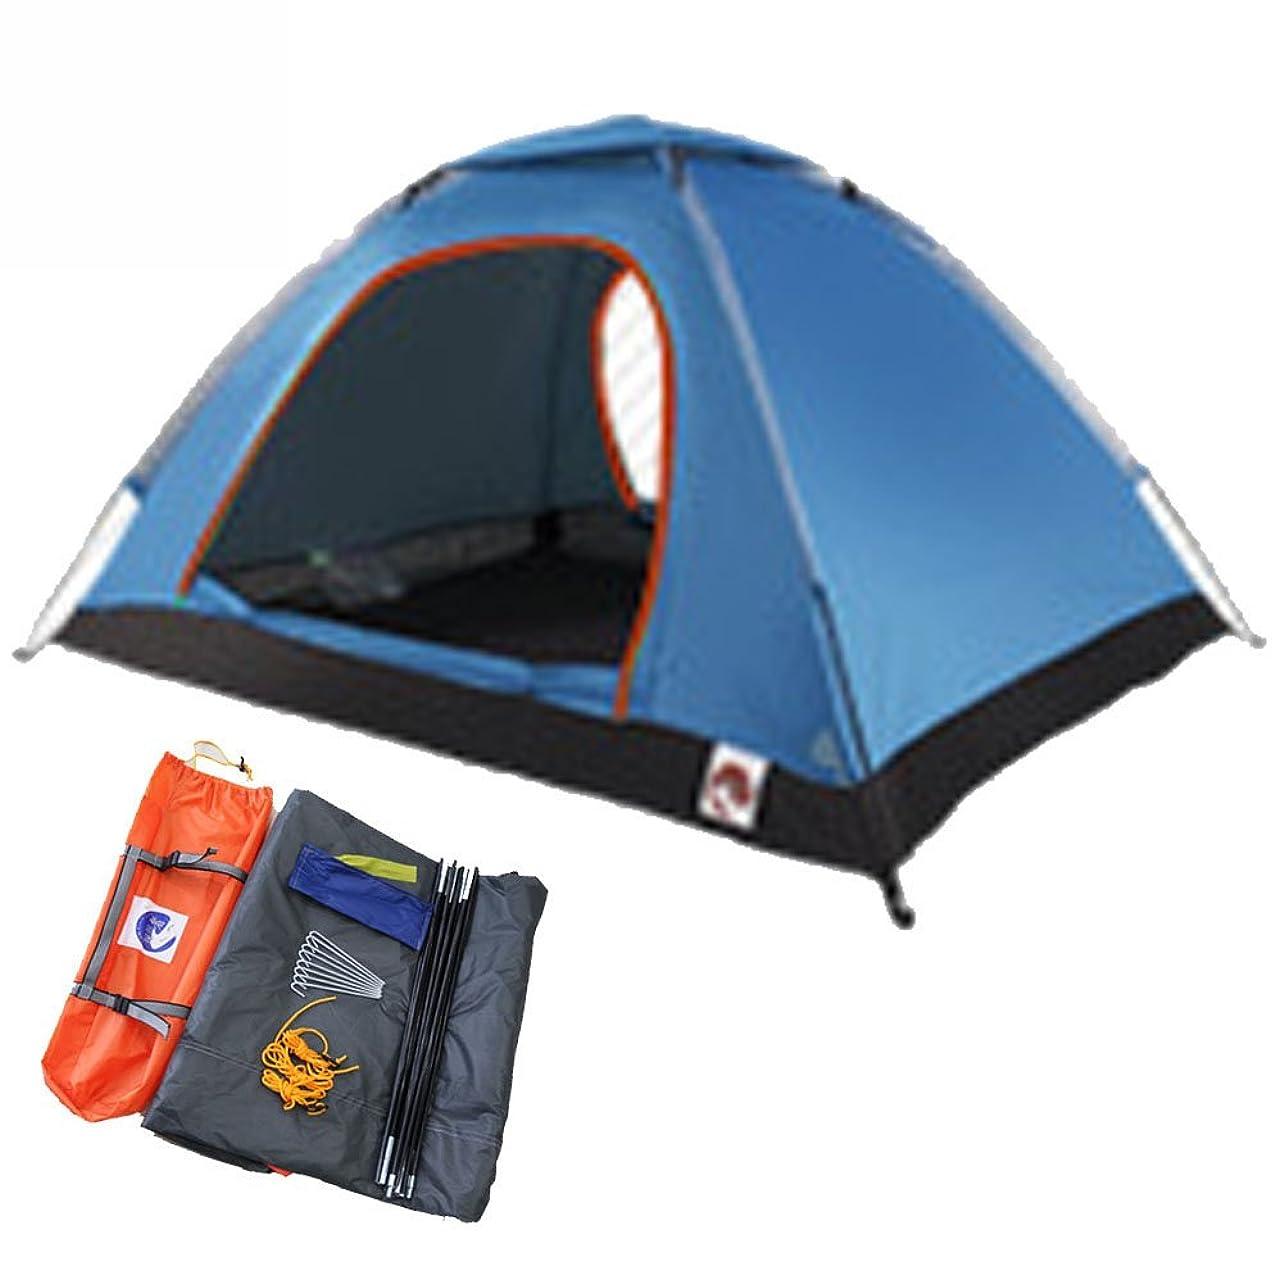 ローラー不潔単語5W テントワンタッチ 1~2人用 サンシェードテント ロープ ペグ 付き 軽量 アウトドア キャンプ用品 簡単 設営 二層構造 高通気性 防雨 防風 防災 折りたたみ 紫外線カット 3カラー 200×150×110cm